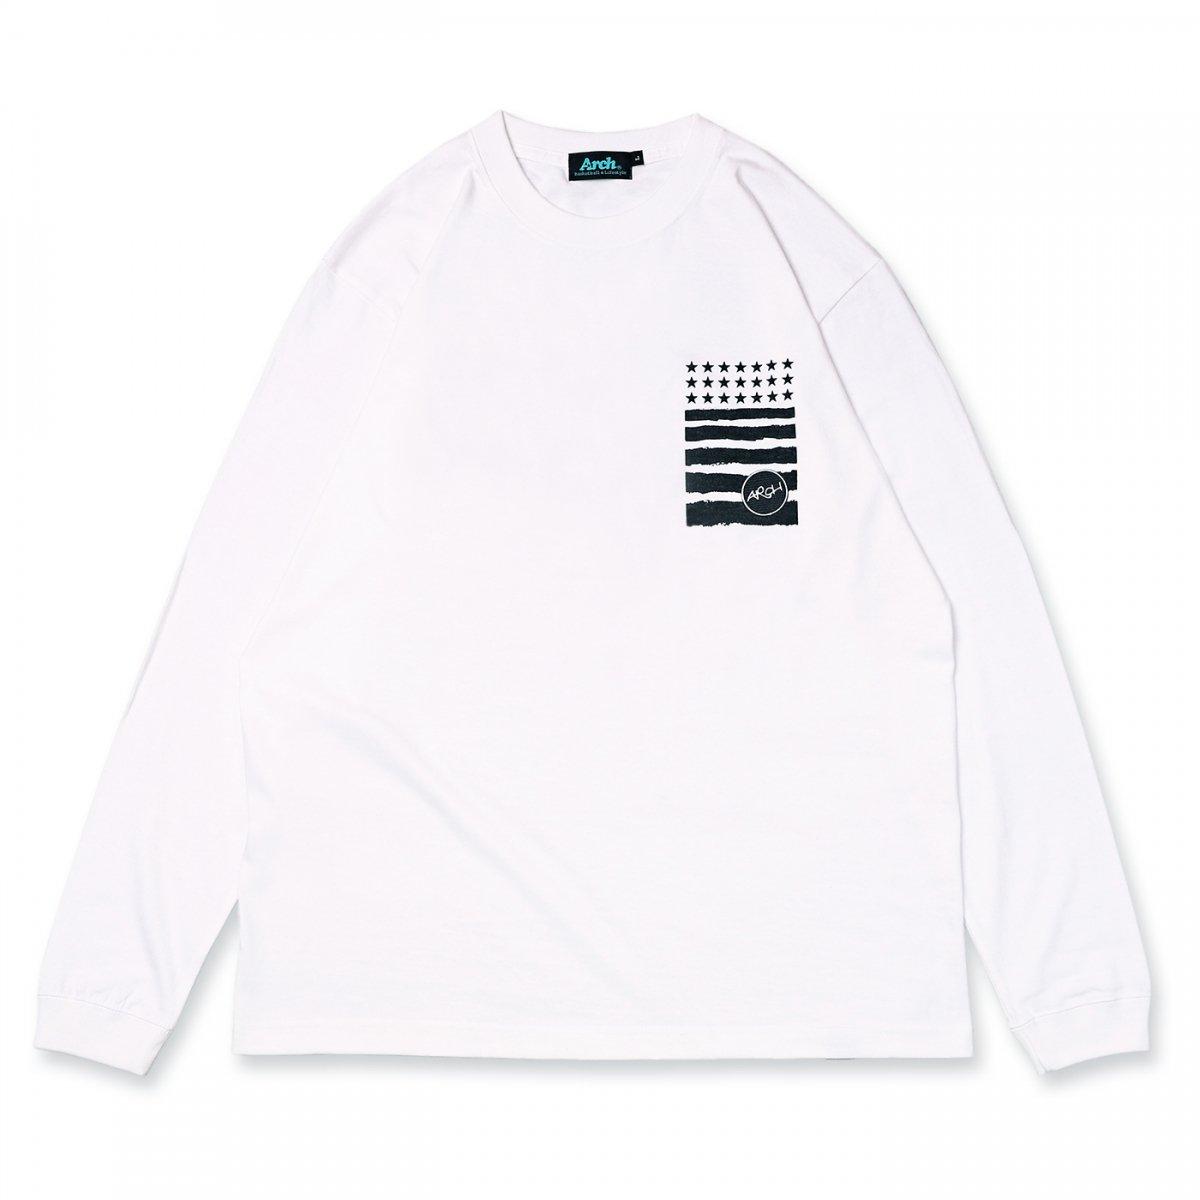 バスケ アーチ レタードロゴ ロングスリーブTシャツ ホワイト